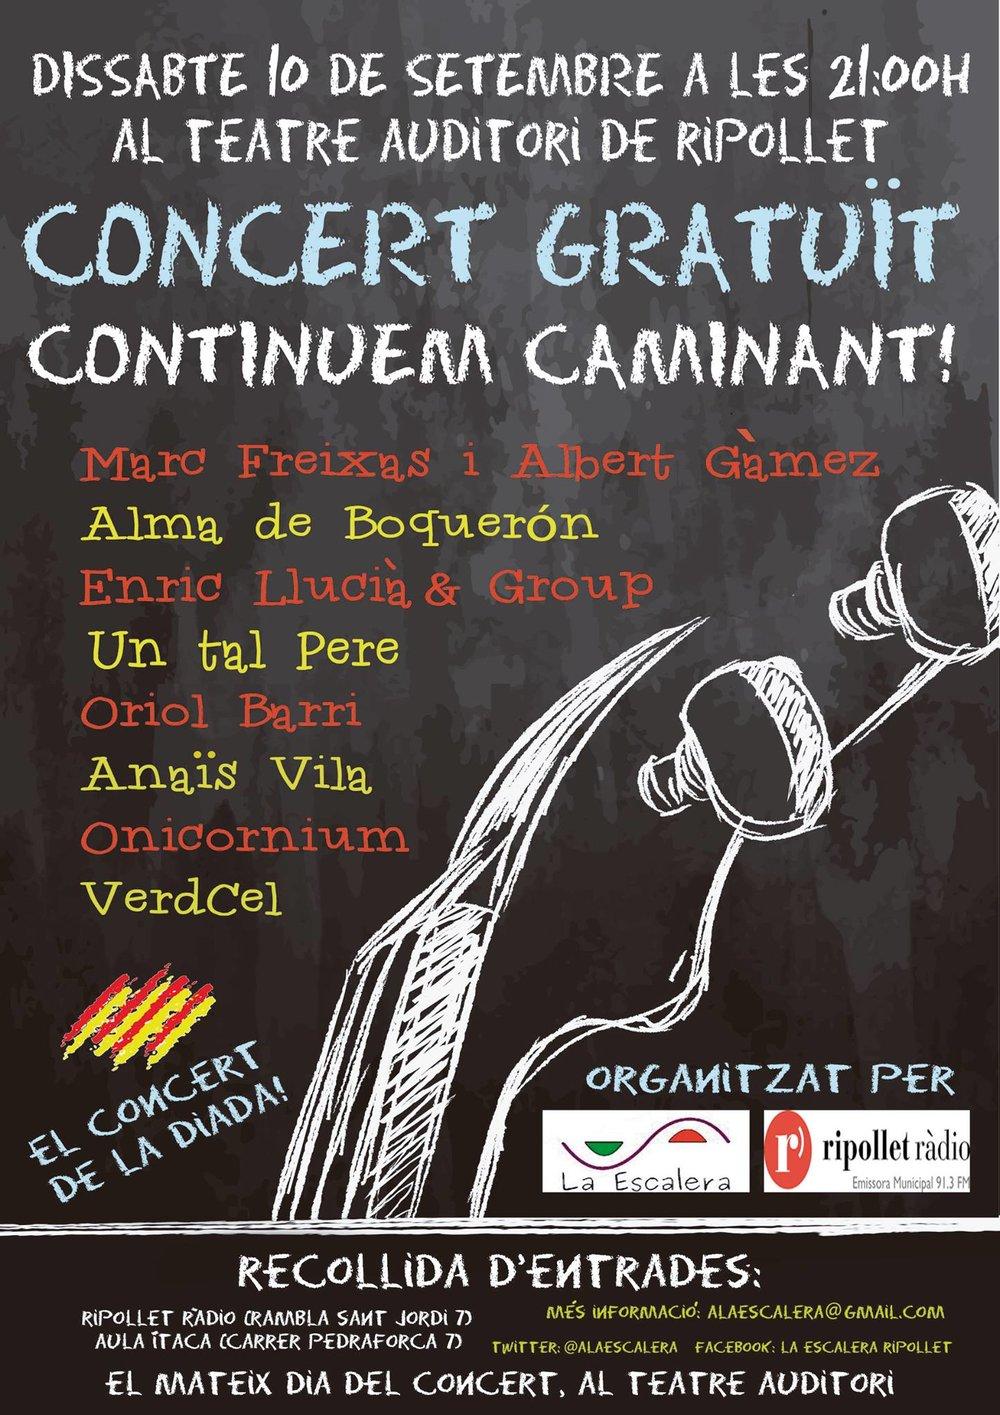 Cartel promocional del concert al Teatre Auditori de Ripollet el 10/09/2016